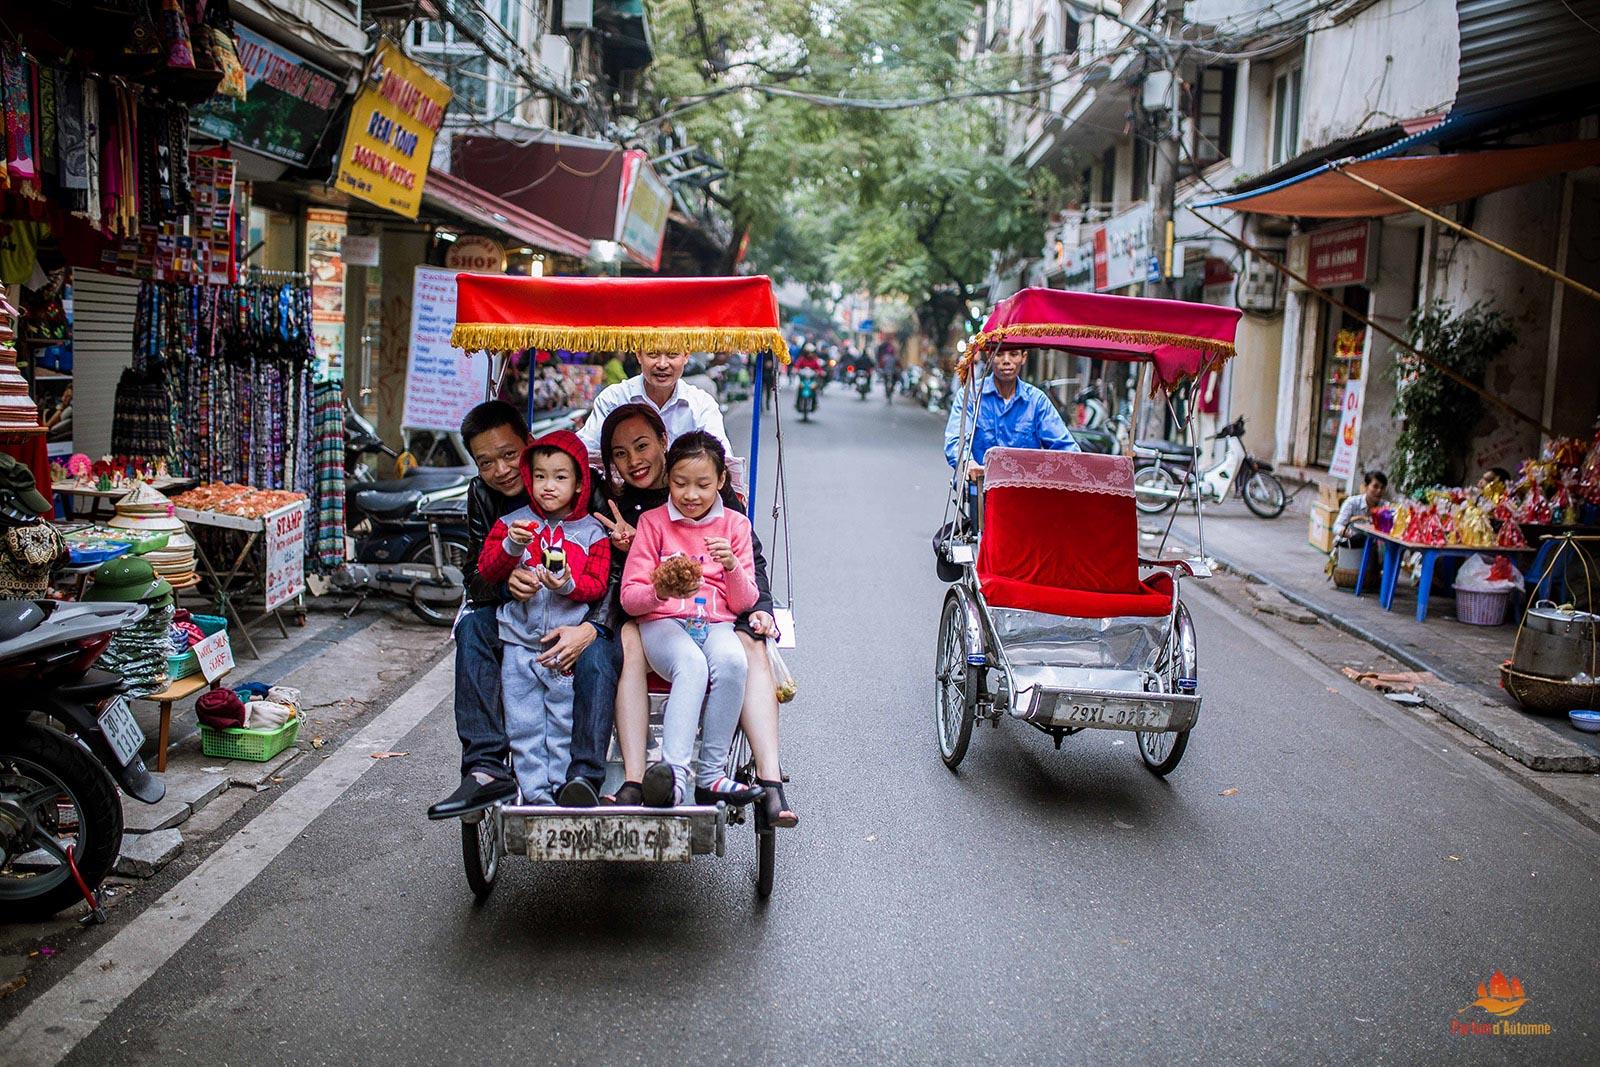 Découvrir le quartier des 36 rues et corporations en cyclo-pousse, Hanoi, Vietnam